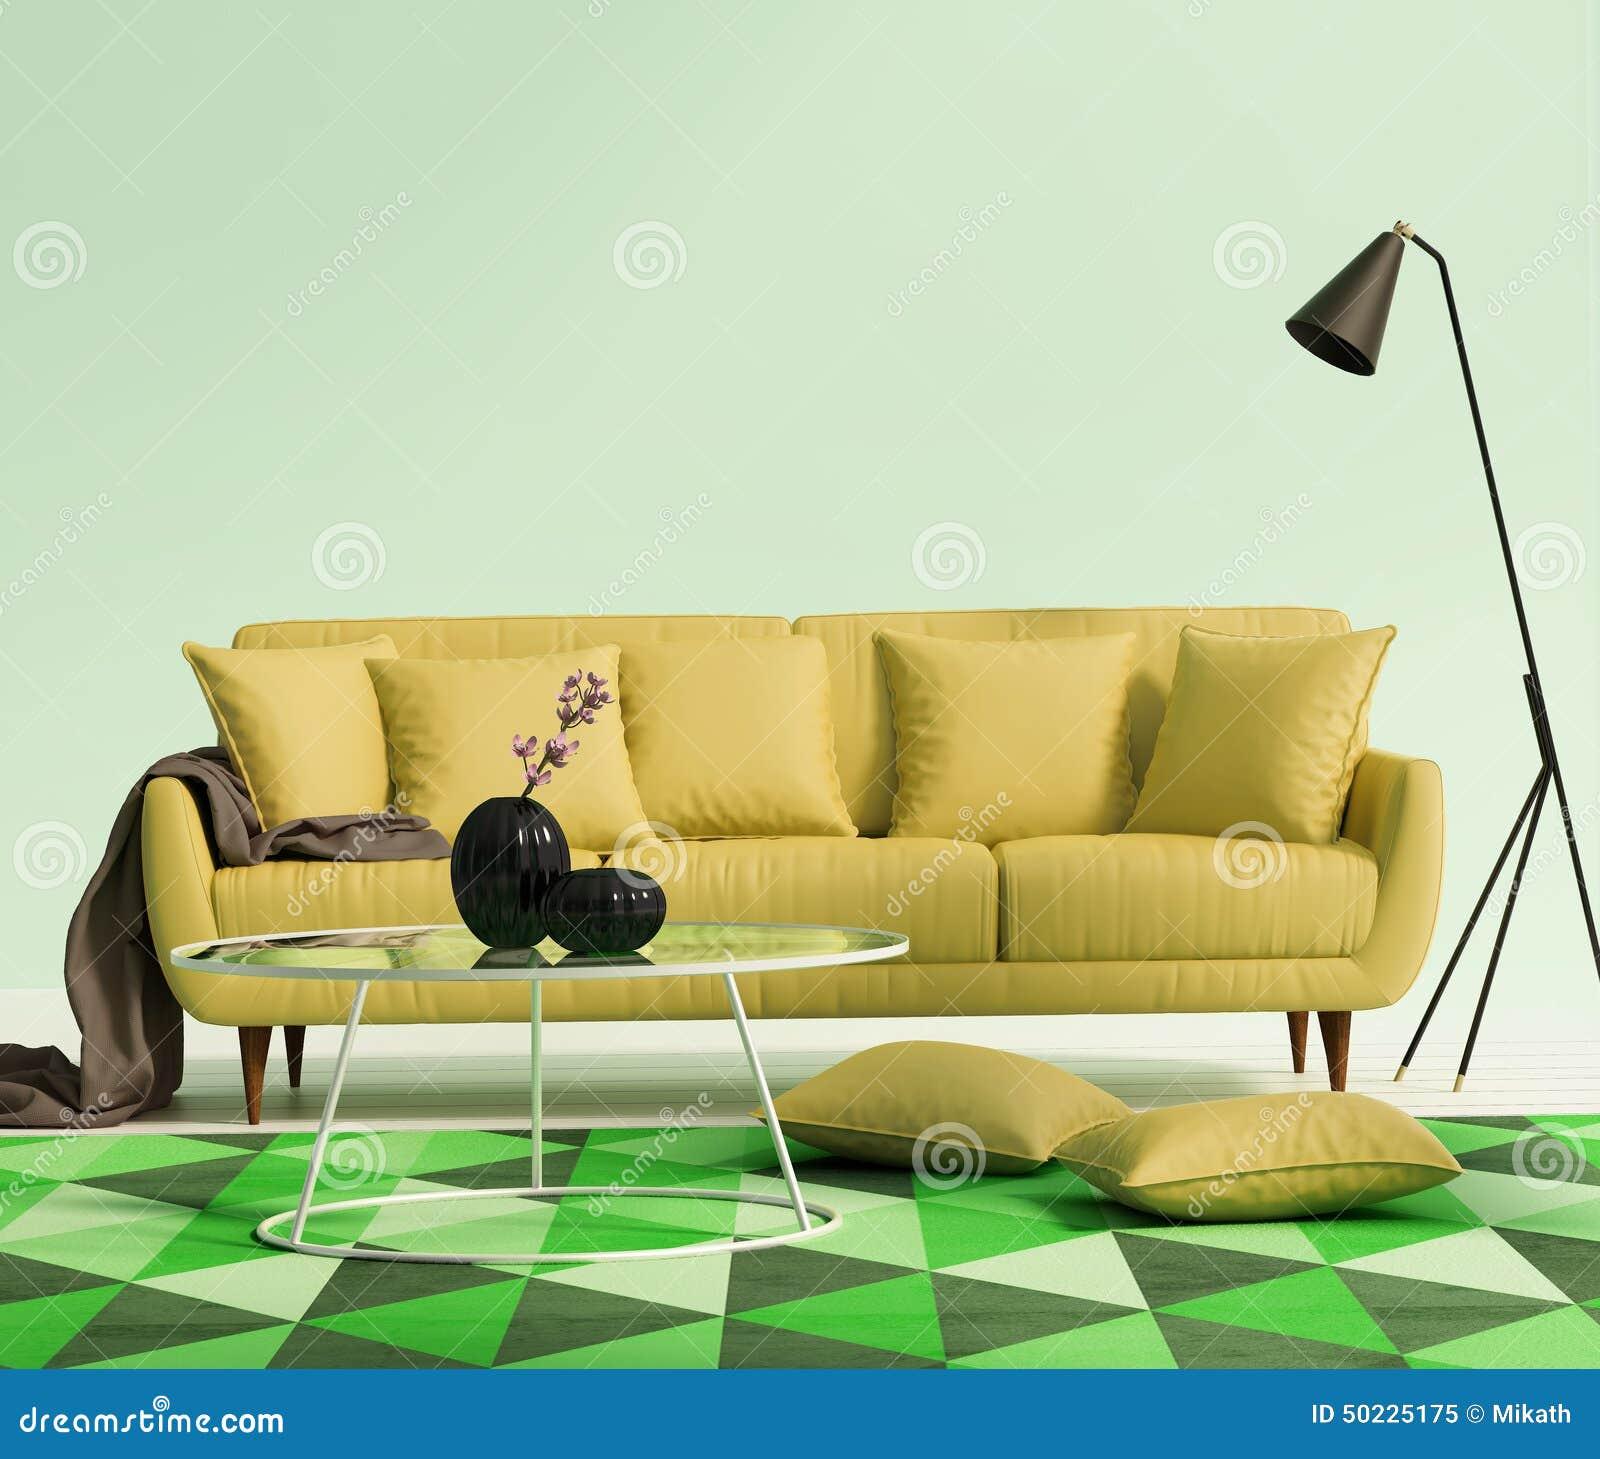 Elegante Elegante Luxe Gele Woonkamer Stock Afbeelding - Afbeelding ...